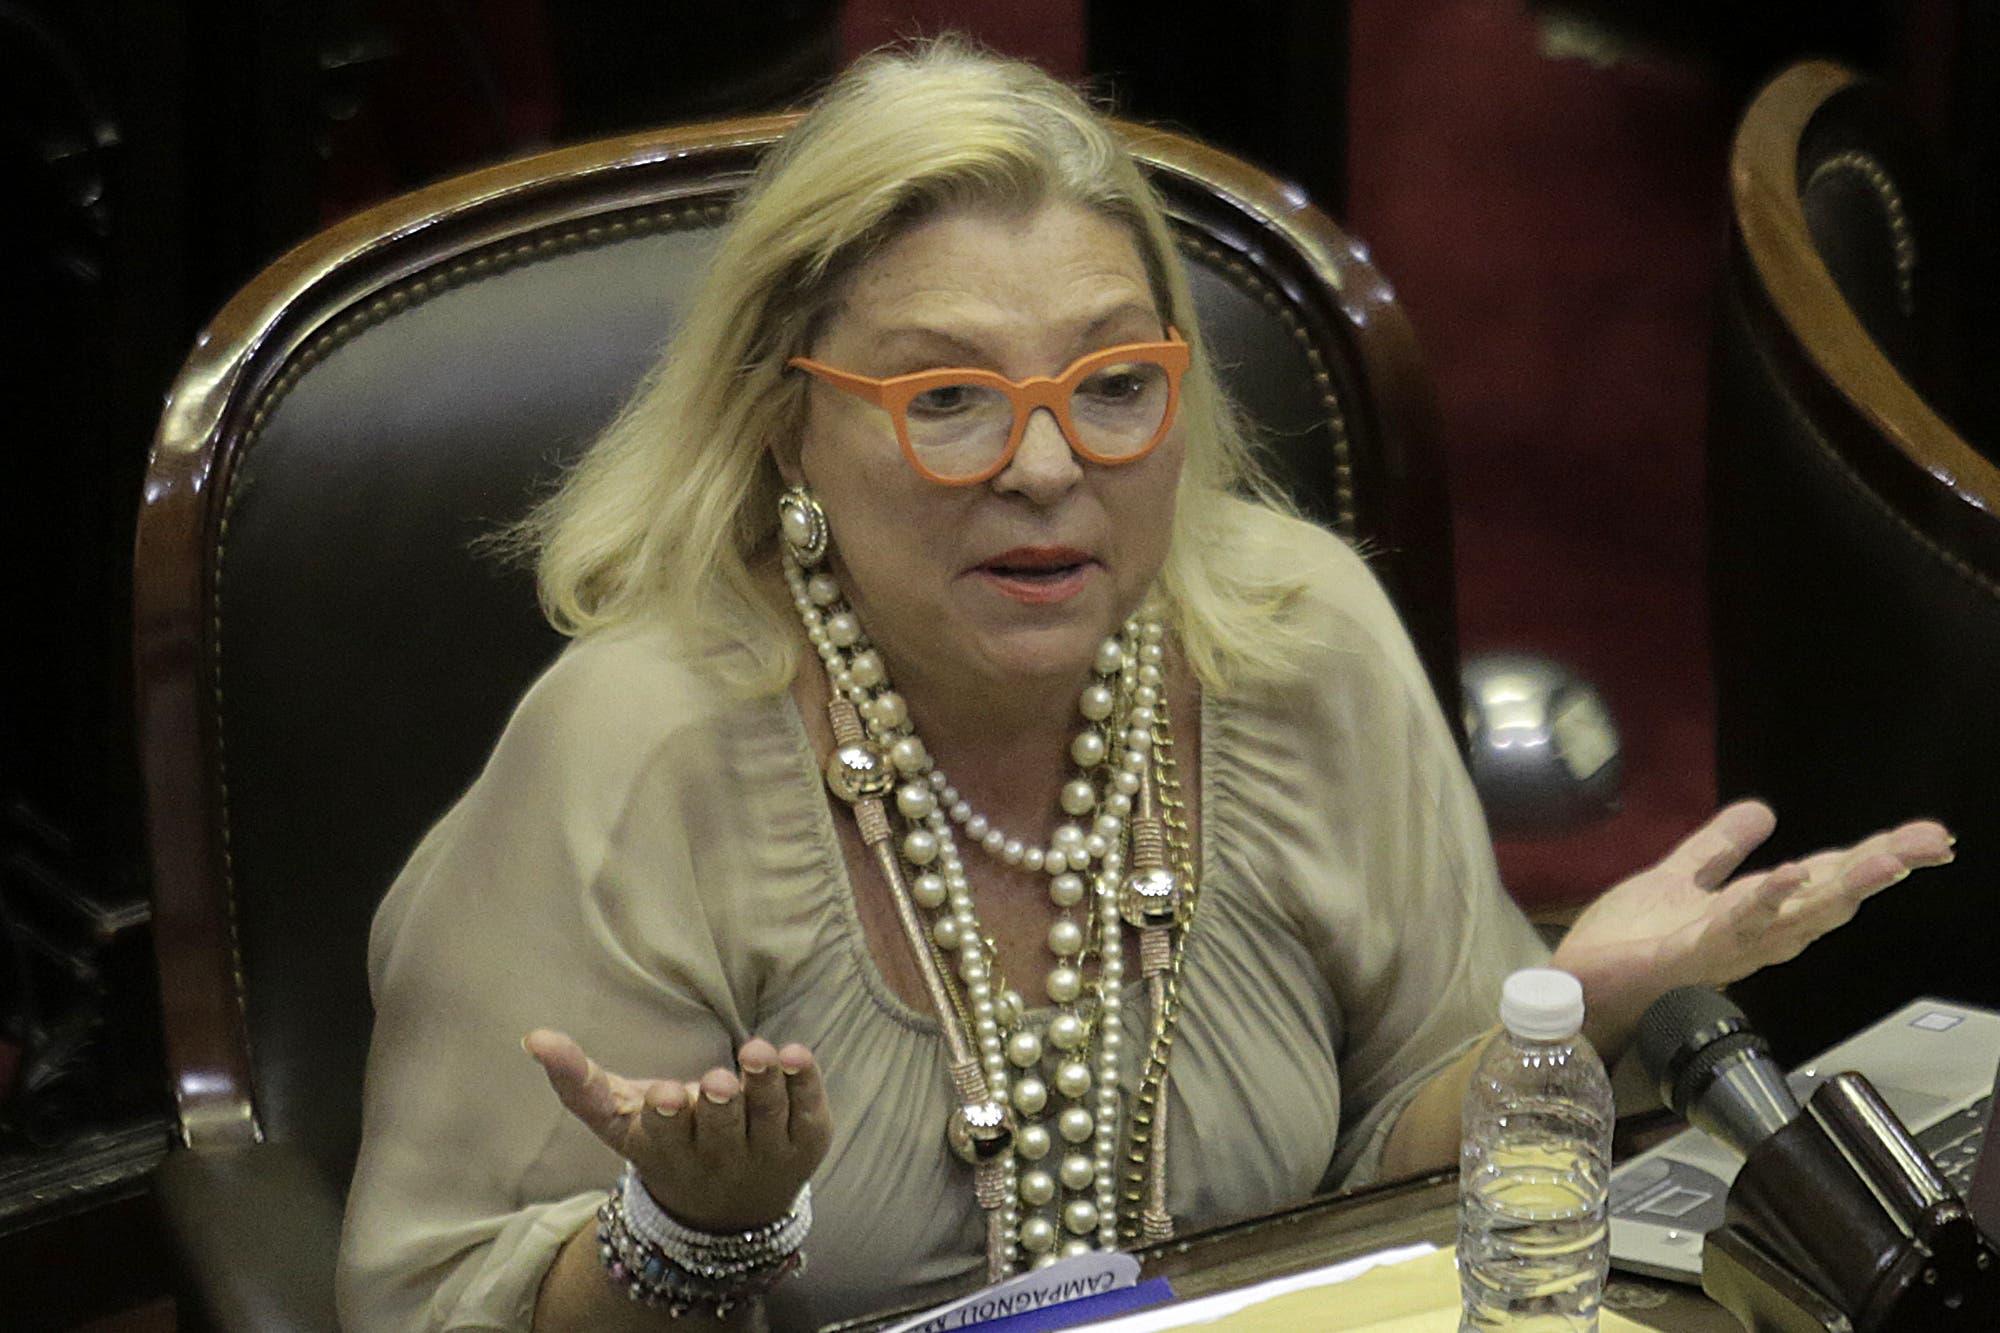 Elisa Carrió acusó a Cristina Kirchner de preparar un golpe contra la Justicia y buscar erosionar al Presidente